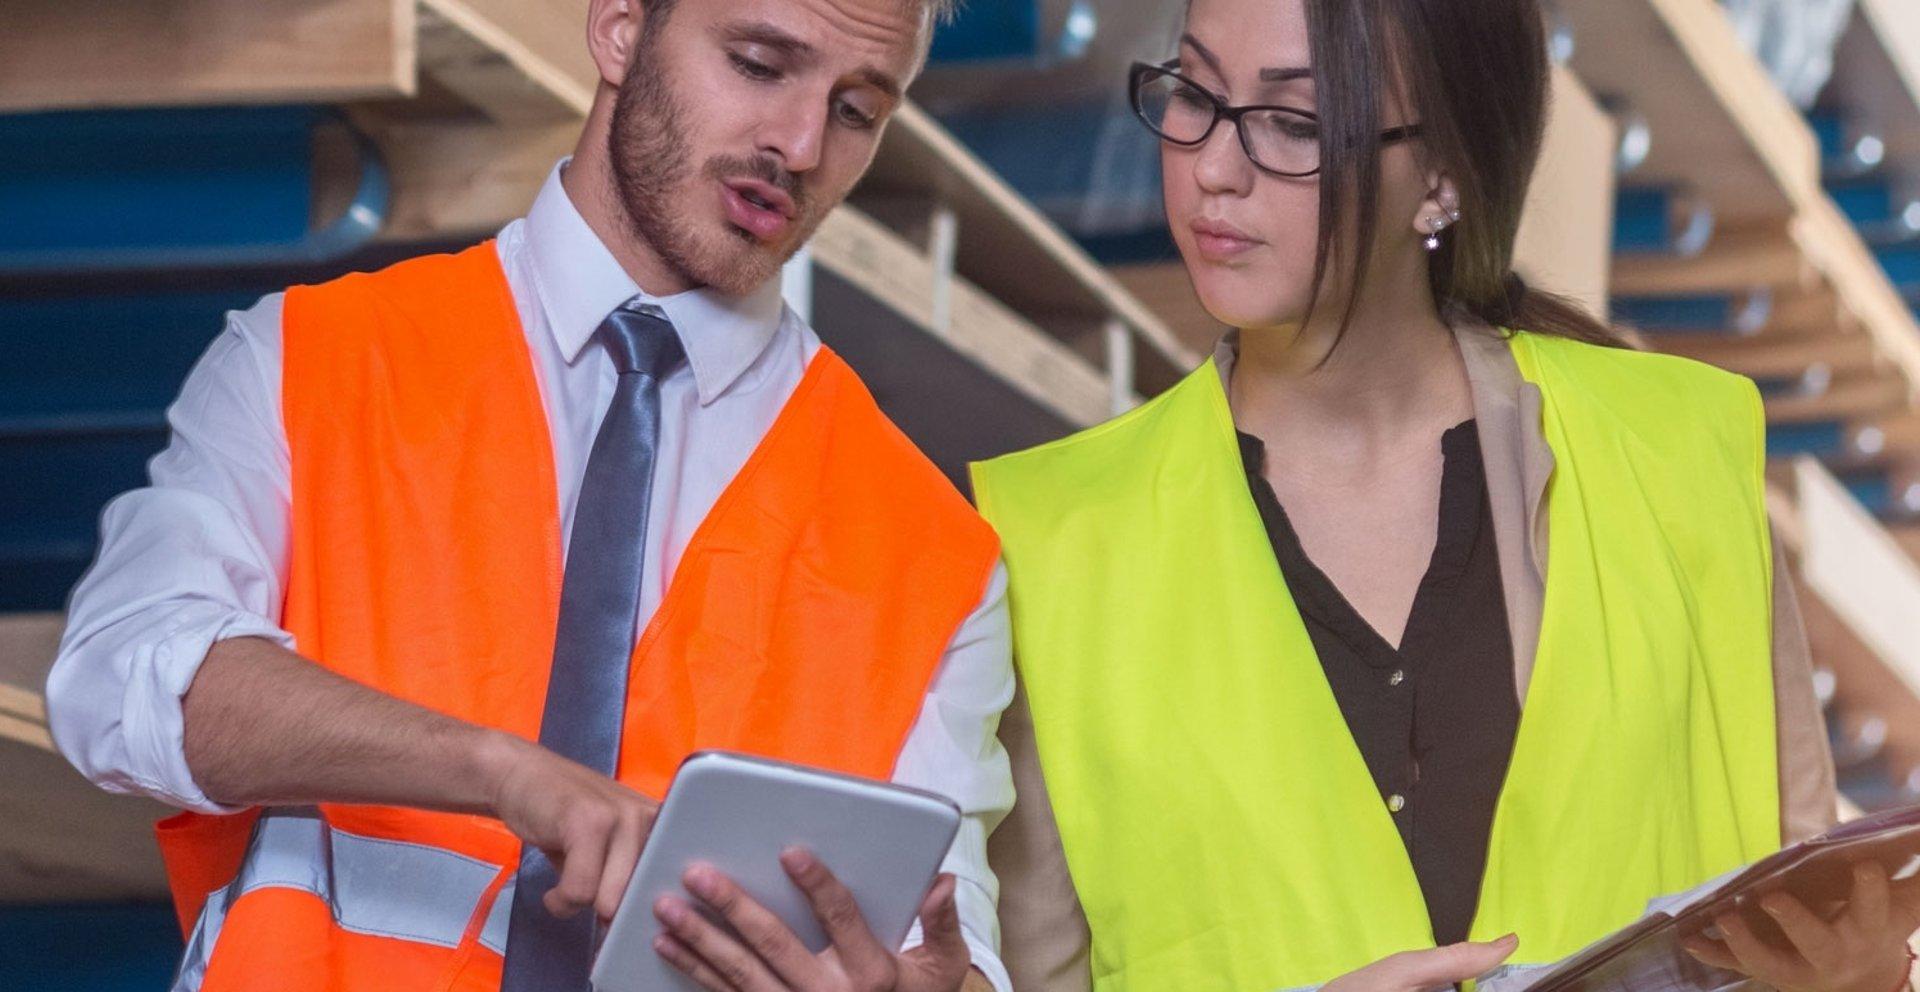 Sicurezza: aggiornamento formazione per RLS aziende 15-50 addetti - aggiornato COVID19